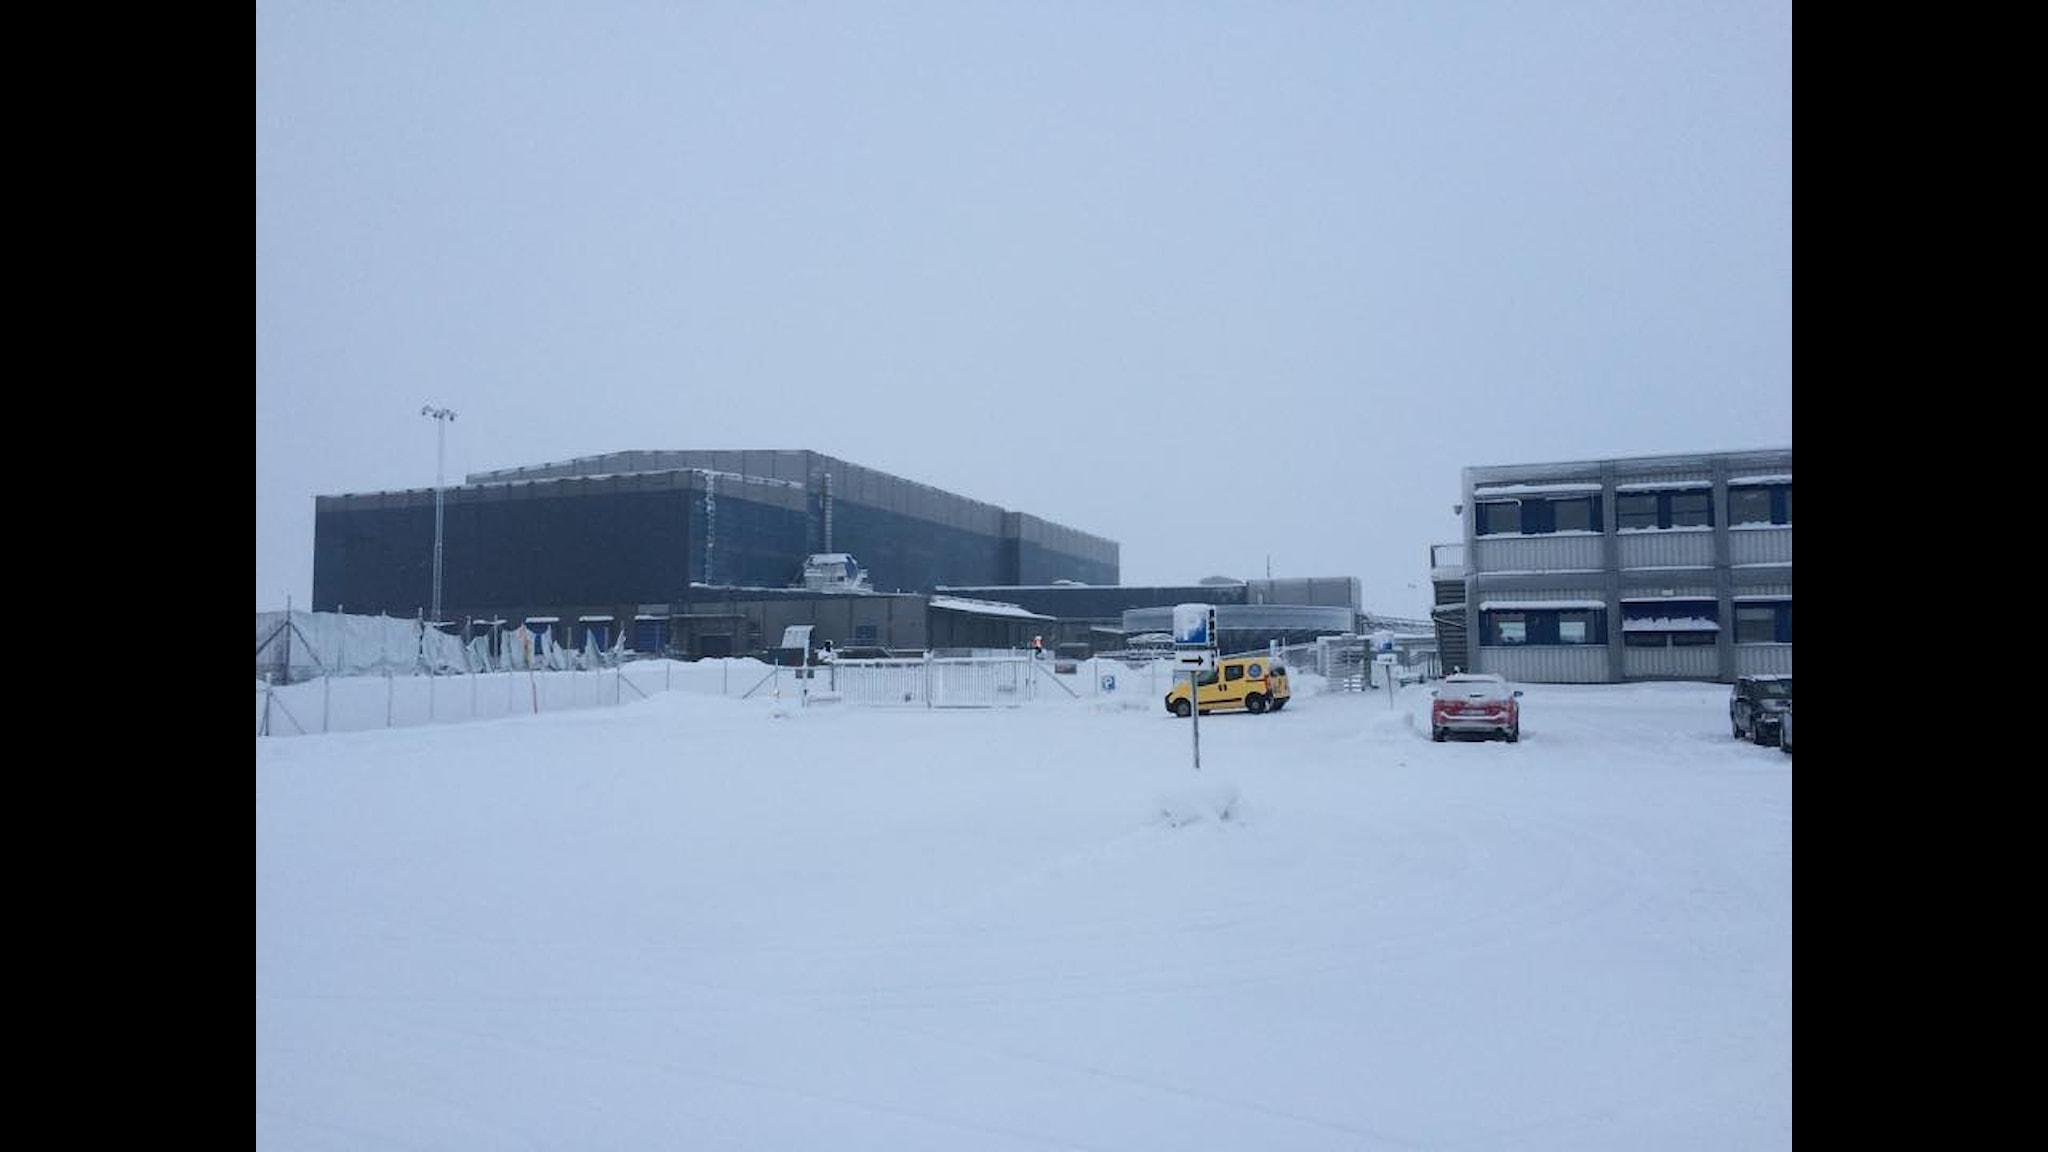 Gruvområdet i Kaunisvaara ligger tomt och öde efter Northland Resourses konkurs.